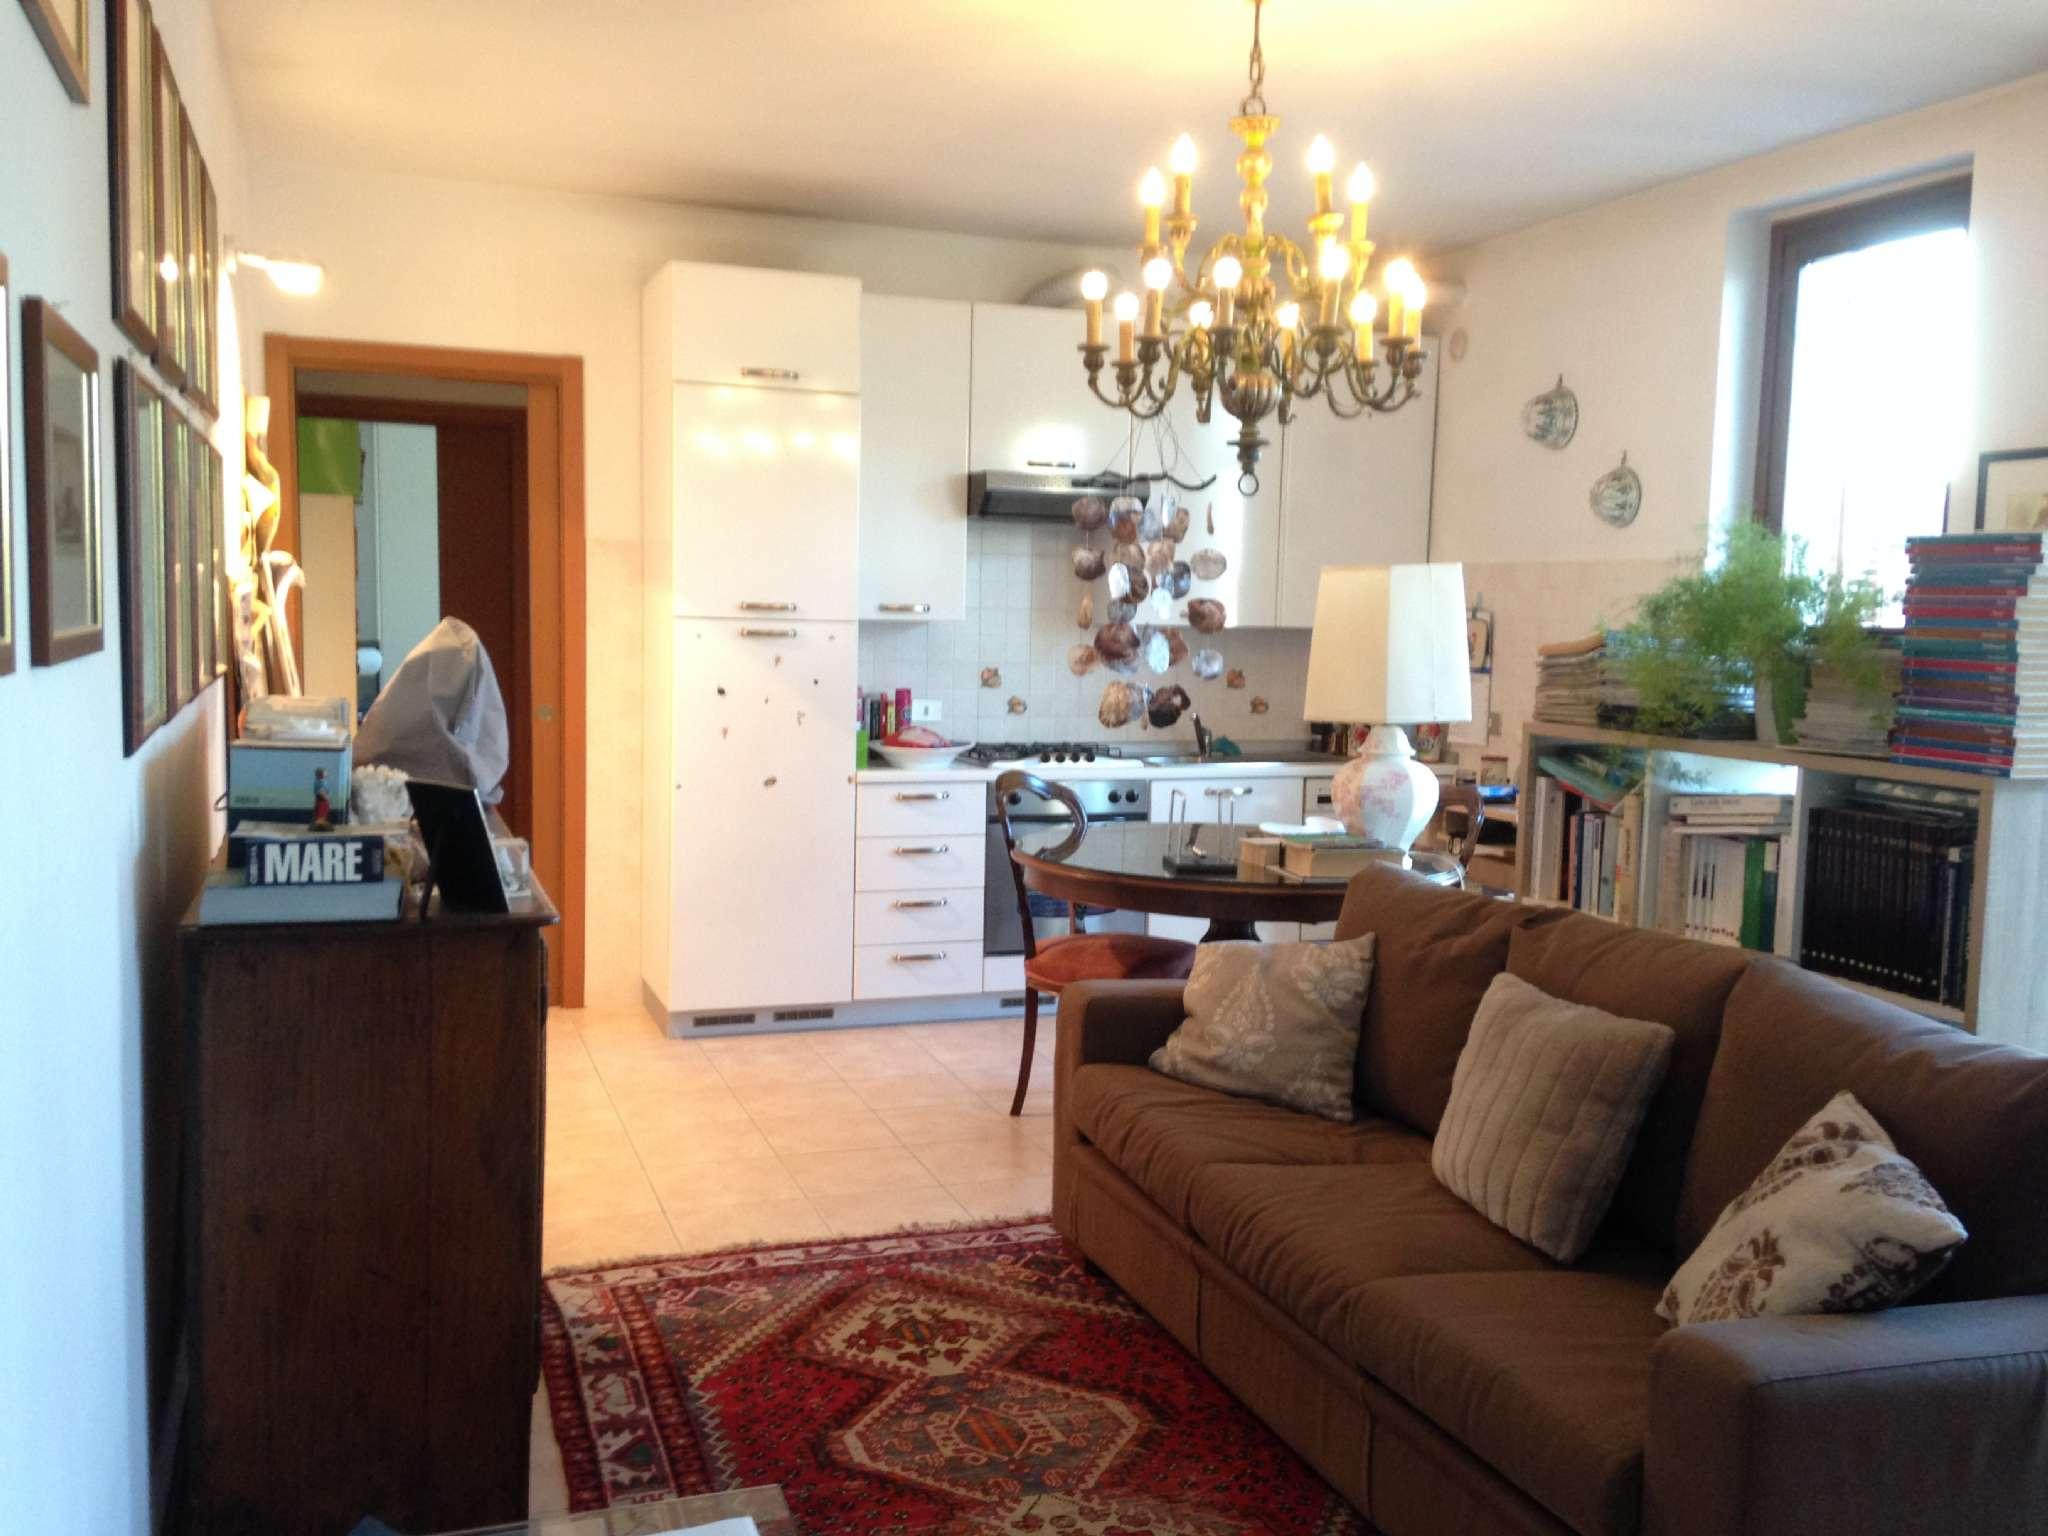 Appartamento in vendita a Cava Manara, 2 locali, prezzo € 97.000   CambioCasa.it